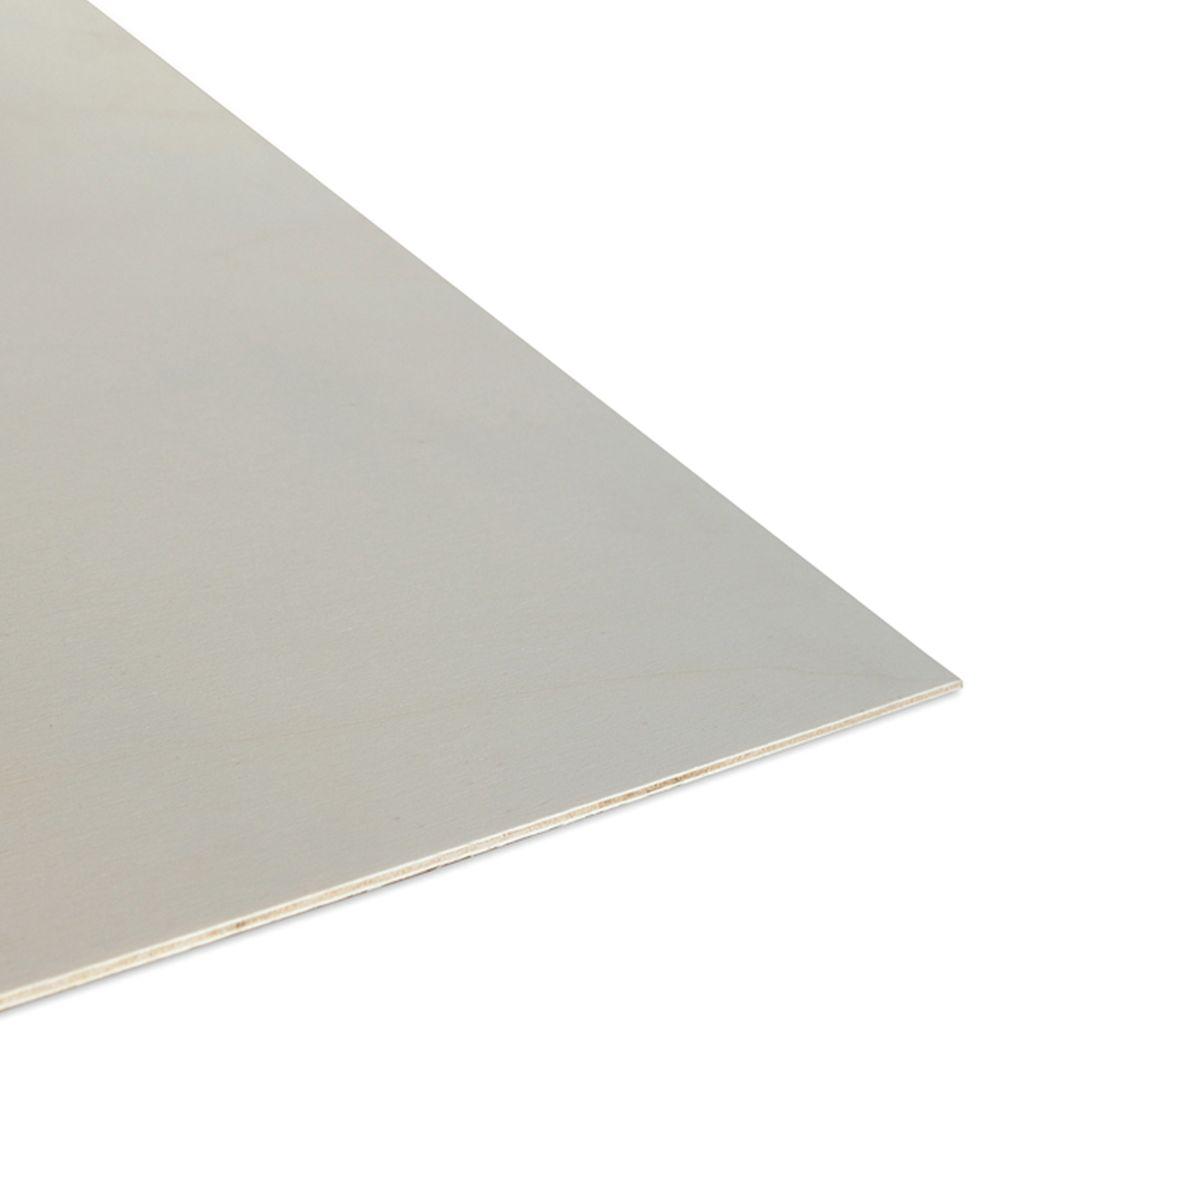 Pannello compensato multistrato pioppo 4 x 400 x 800 mm for Pannelli boiserie leroy merlin